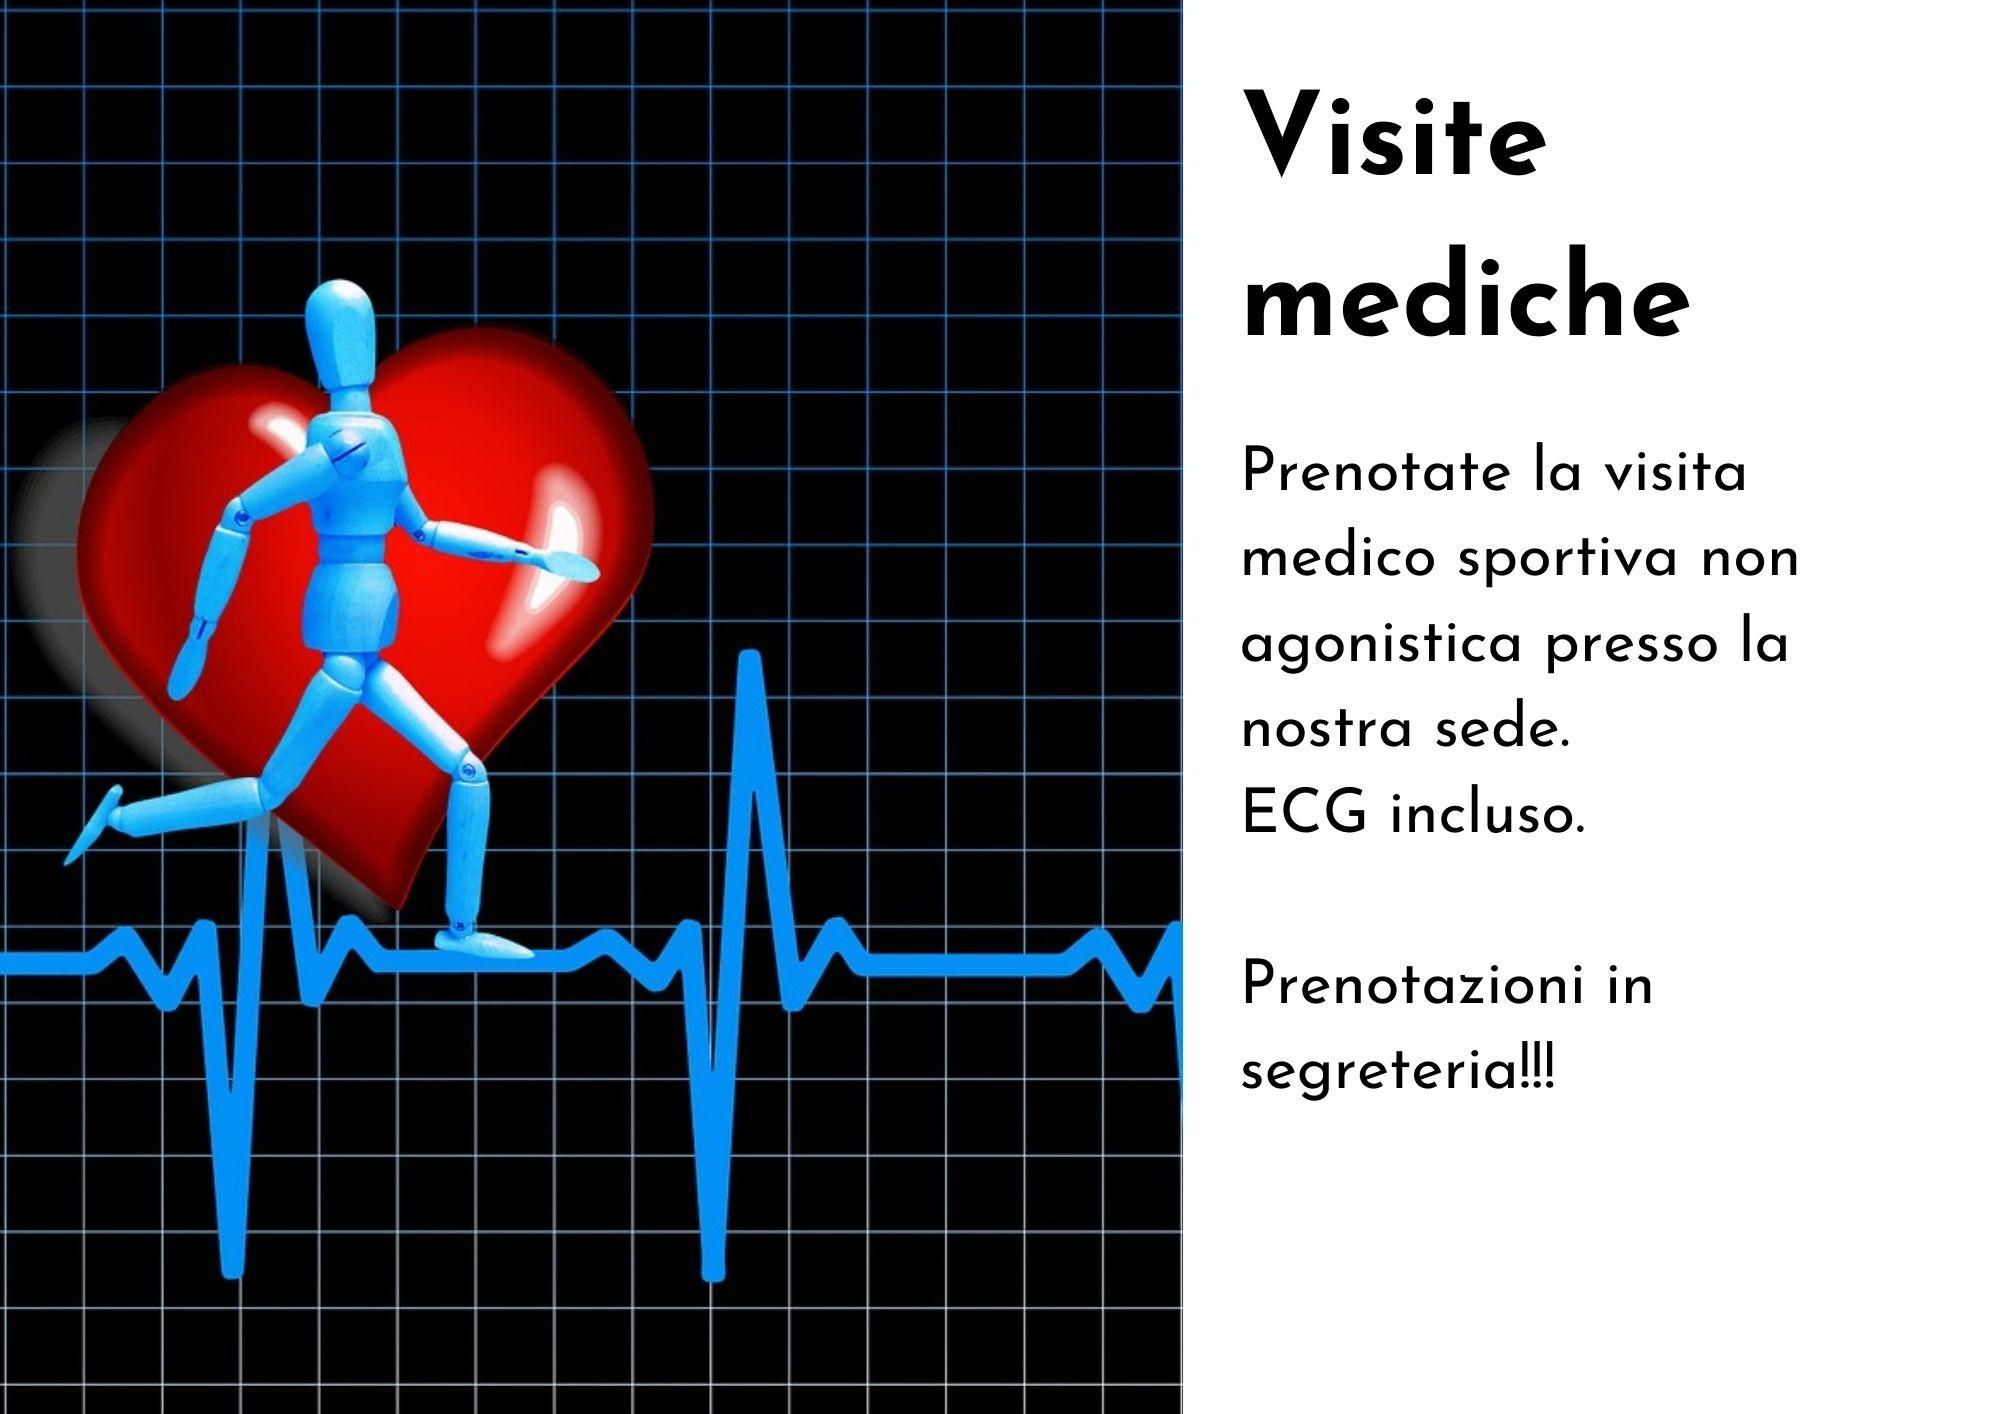 Visite medico sportive presso la nostra sede